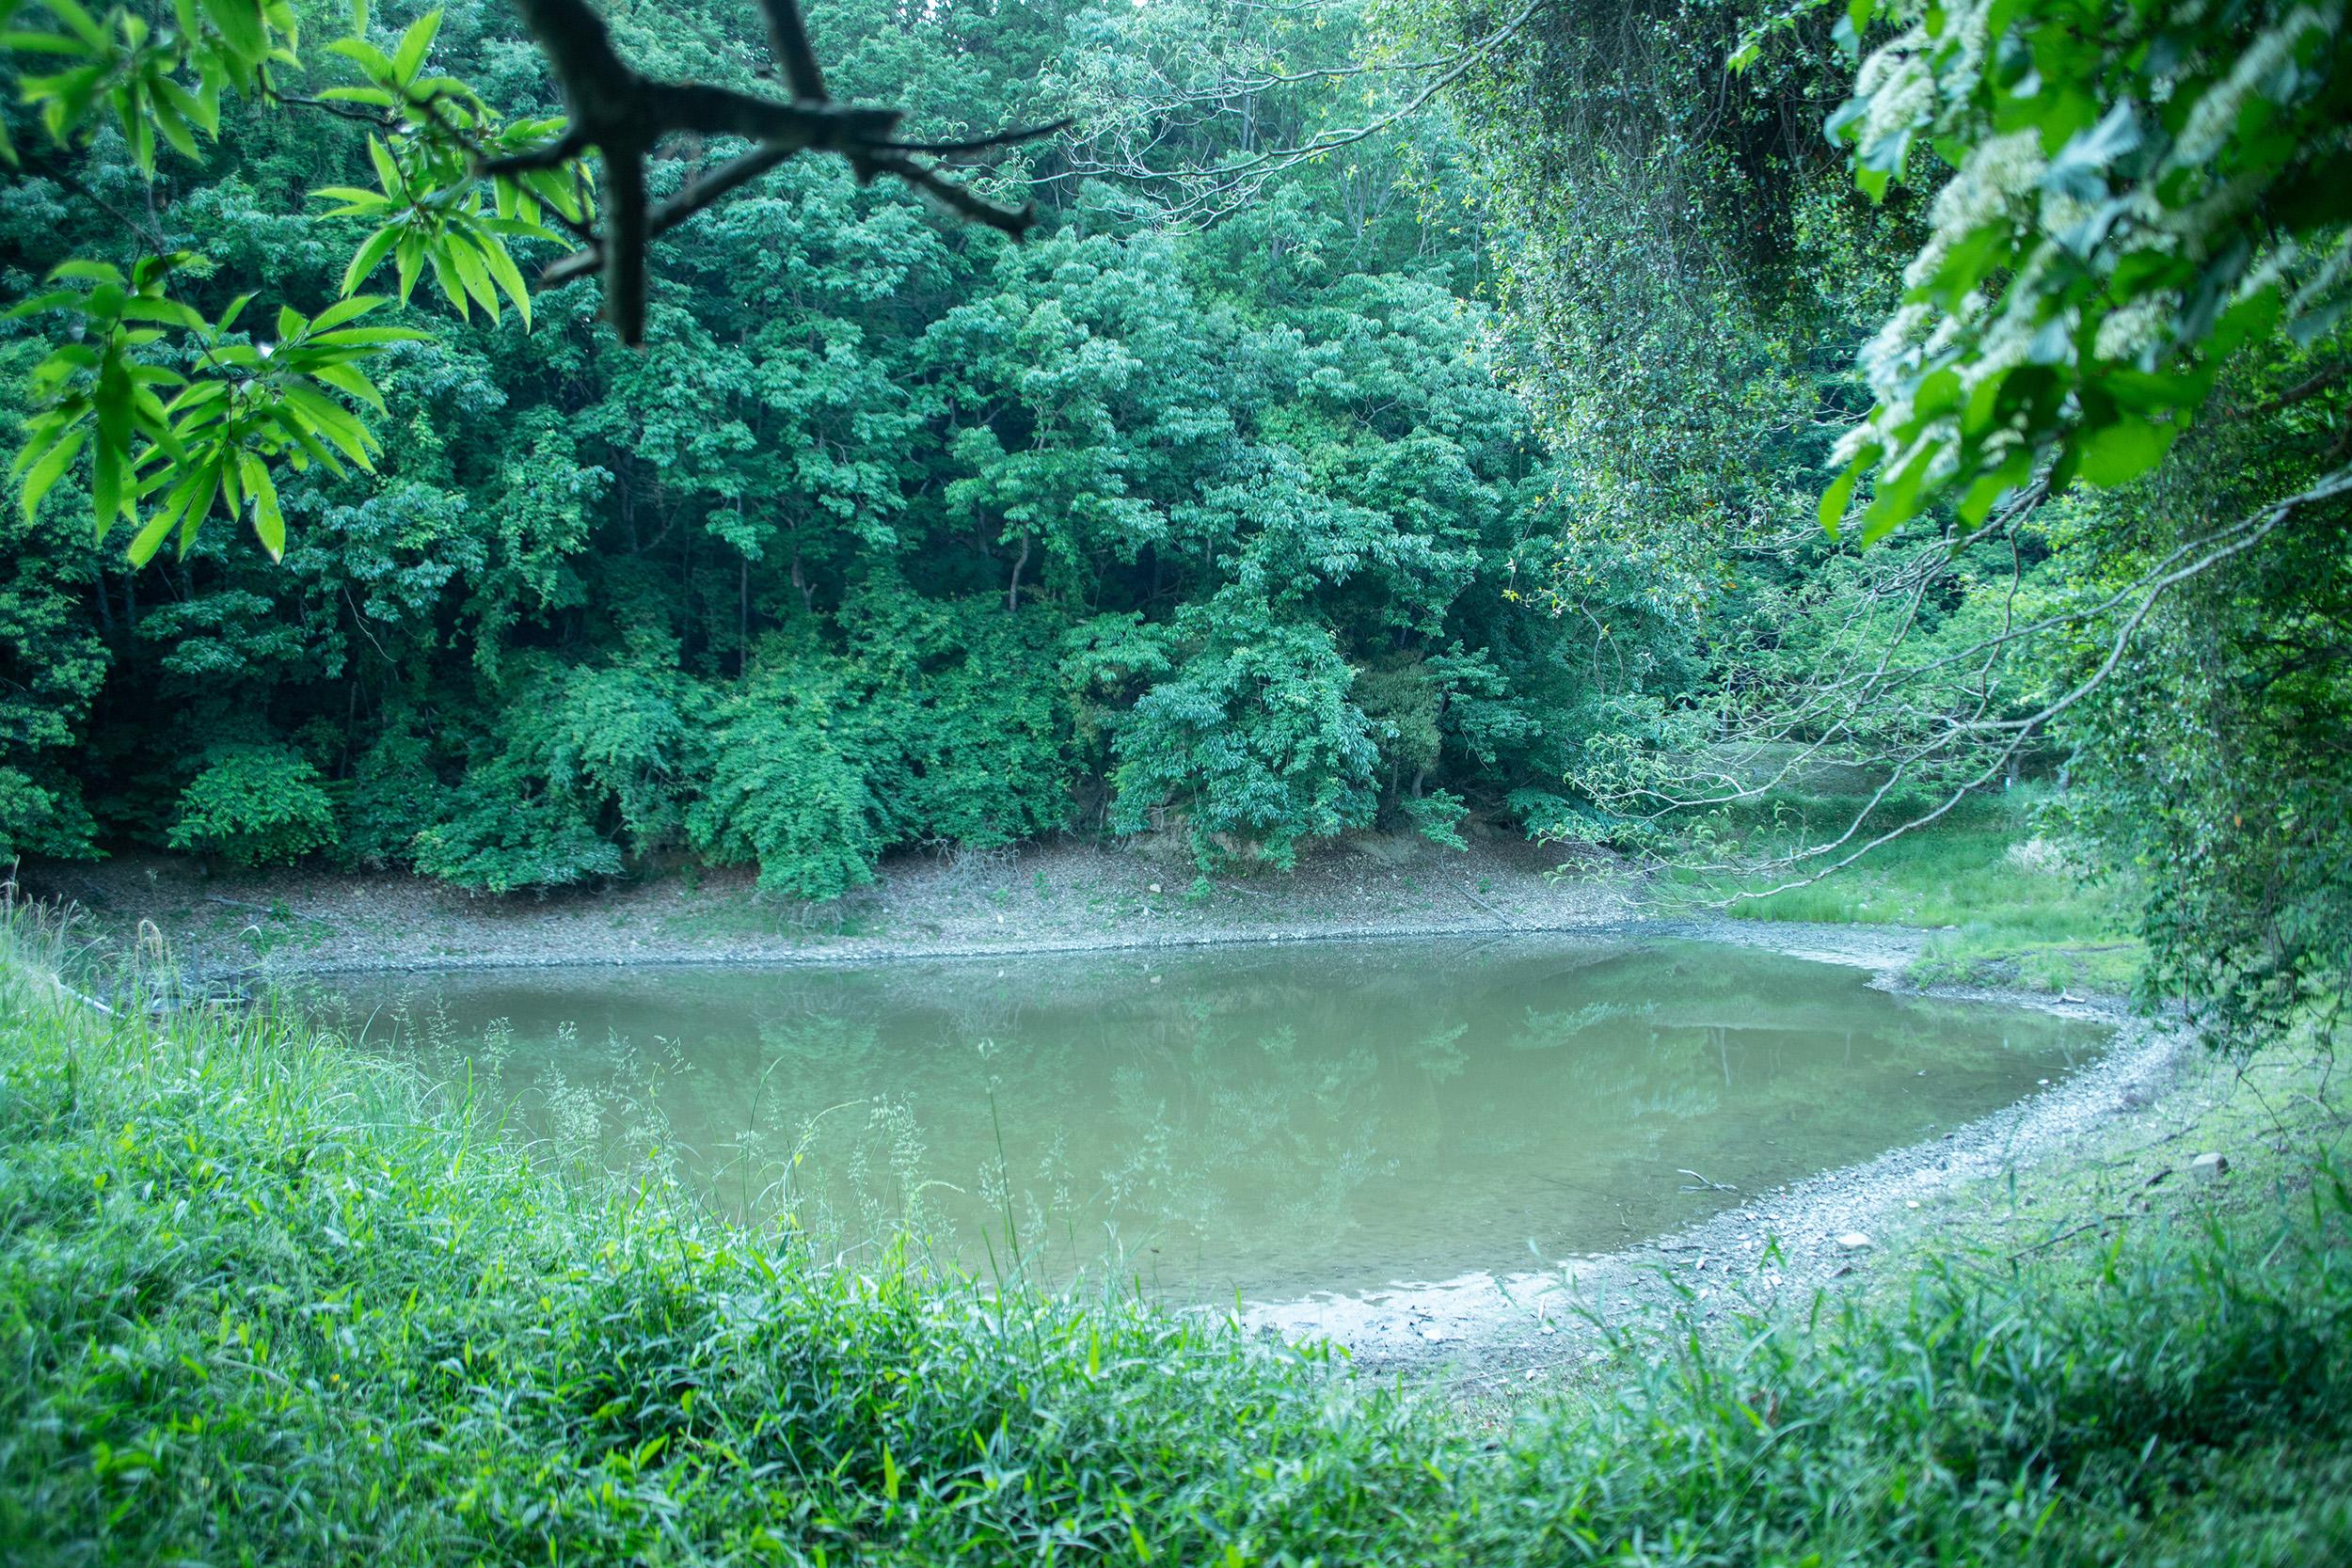 夏休みのある日、ため池で写生をしていて学んだこと